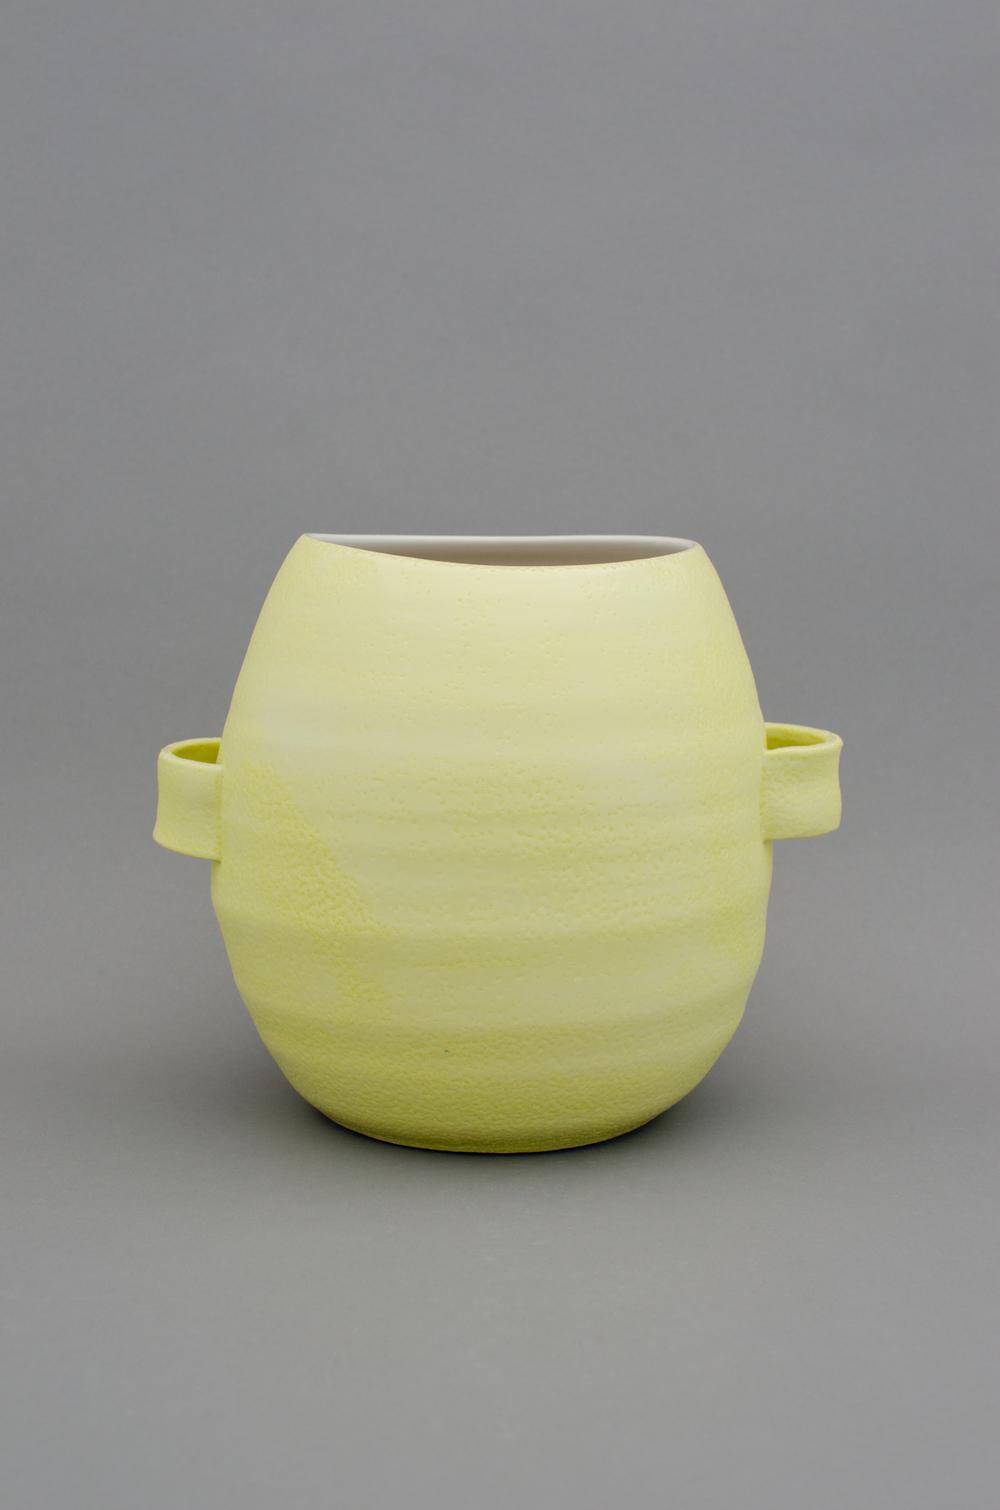 """Shio Kusaka Untitled (handle 1) 2012 Porcelain 9"""" x 10 1/4"""" x 8 1/4"""" SK389"""